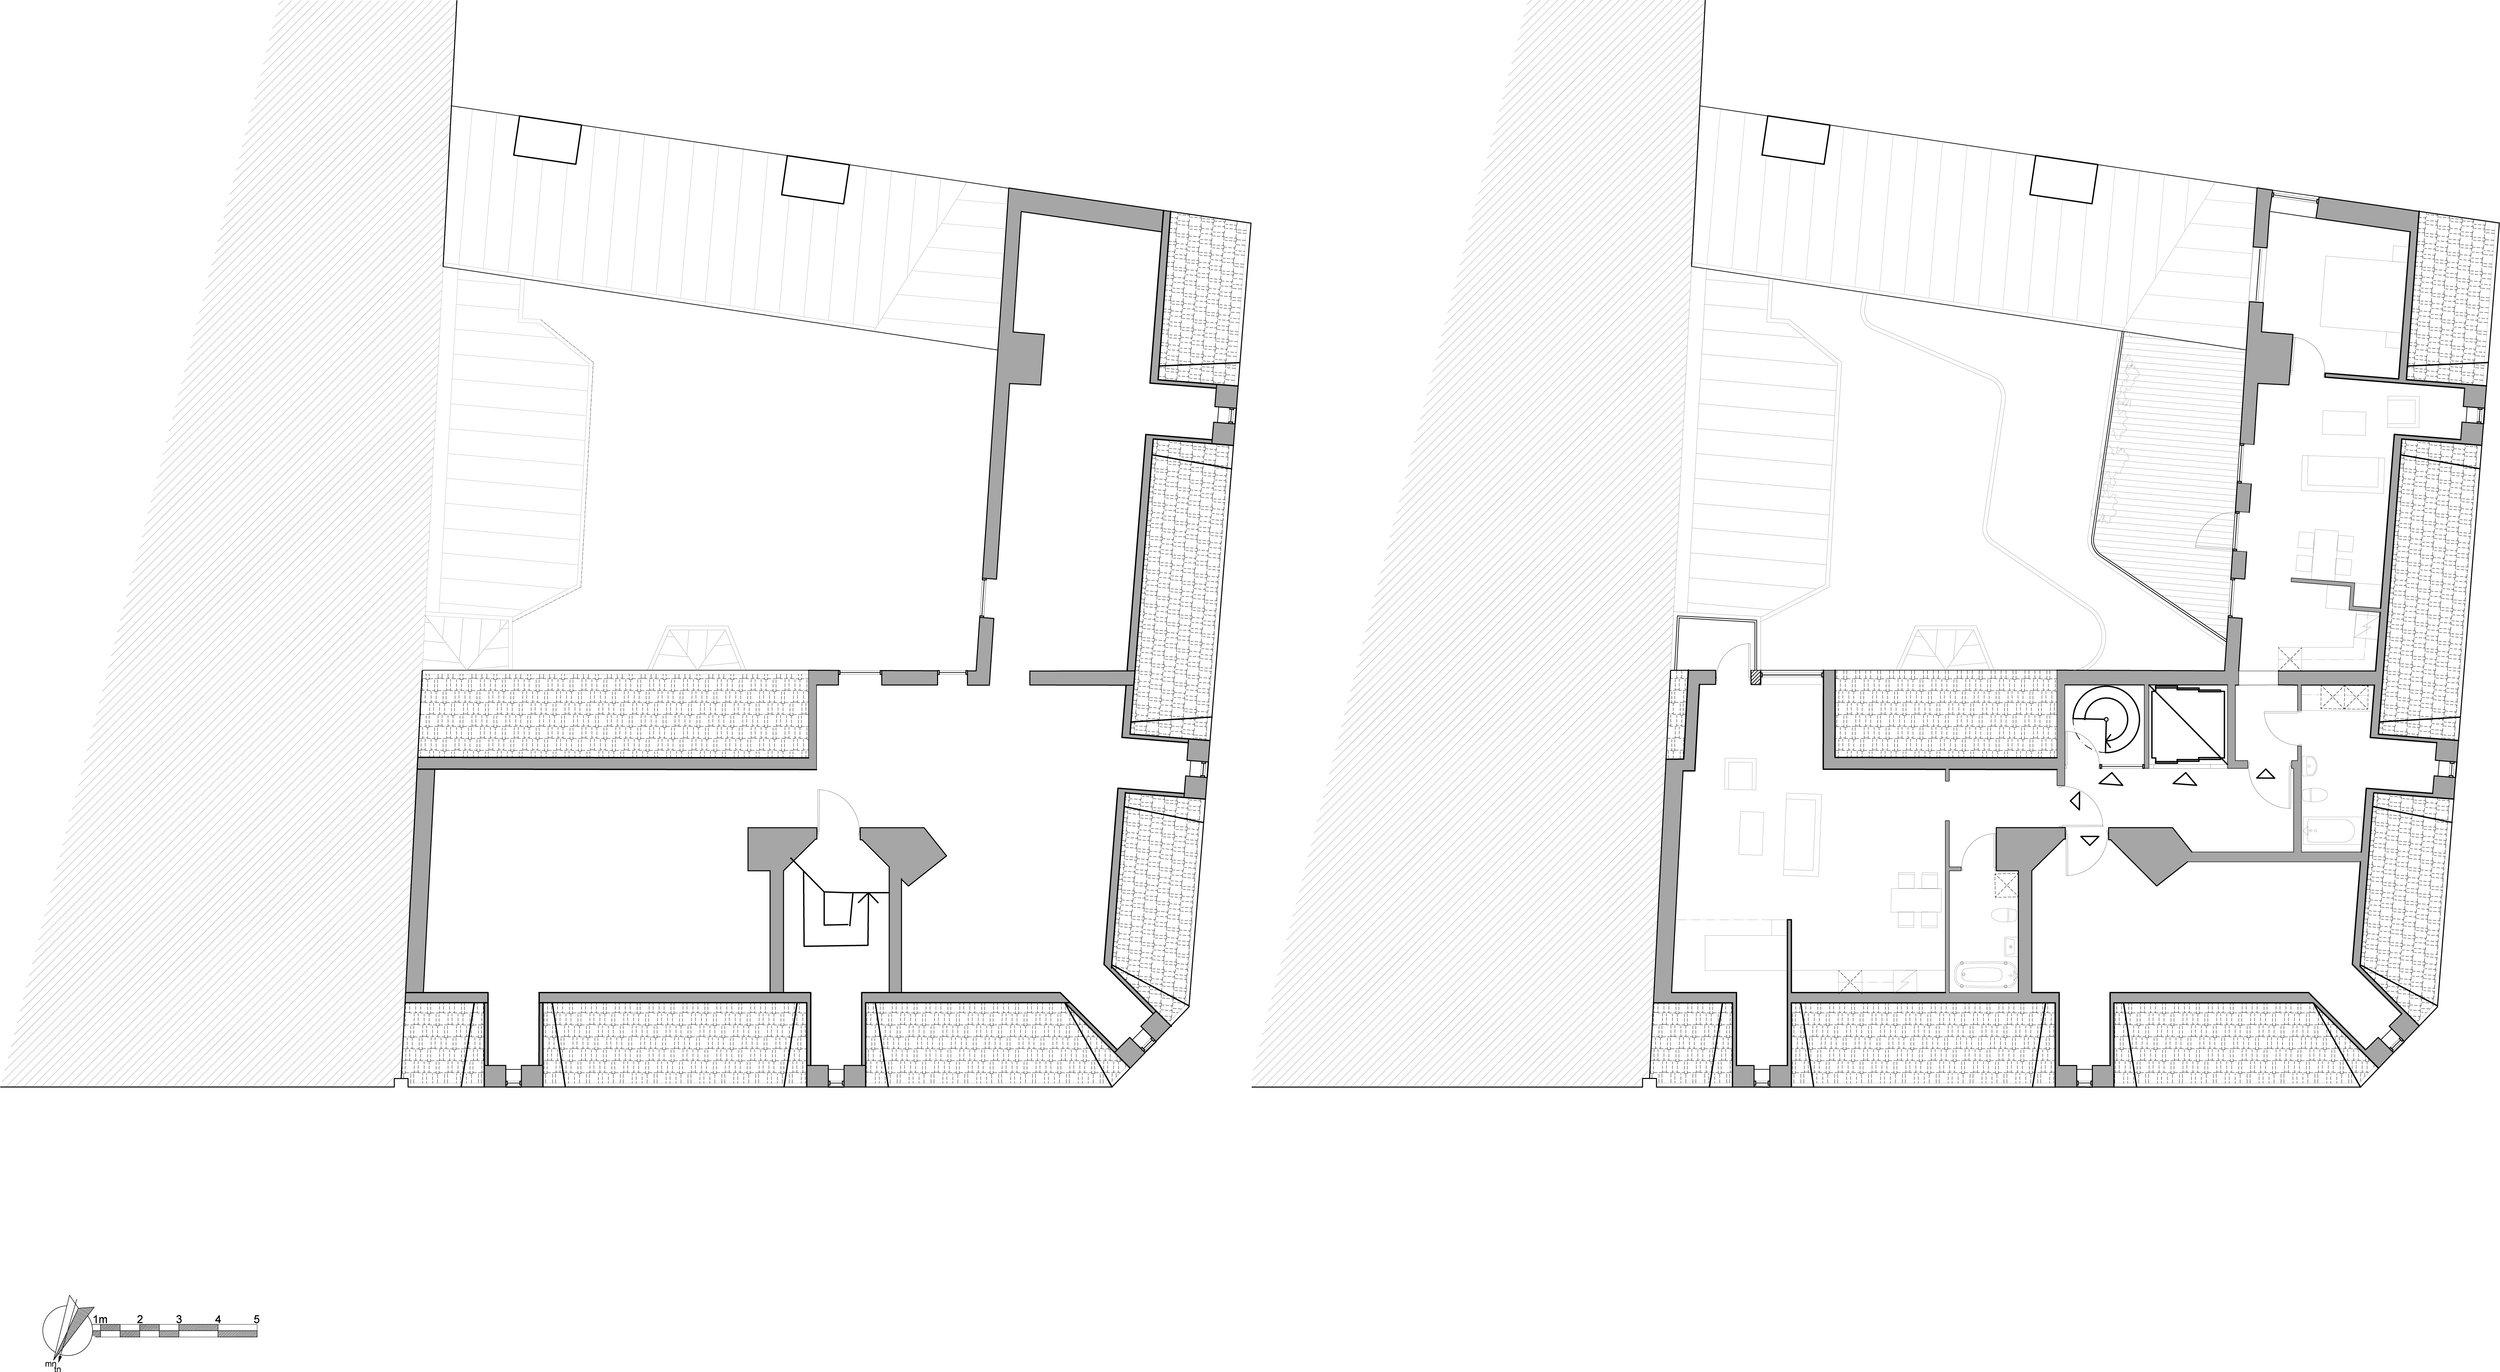 attic existing                                                              attic proposed